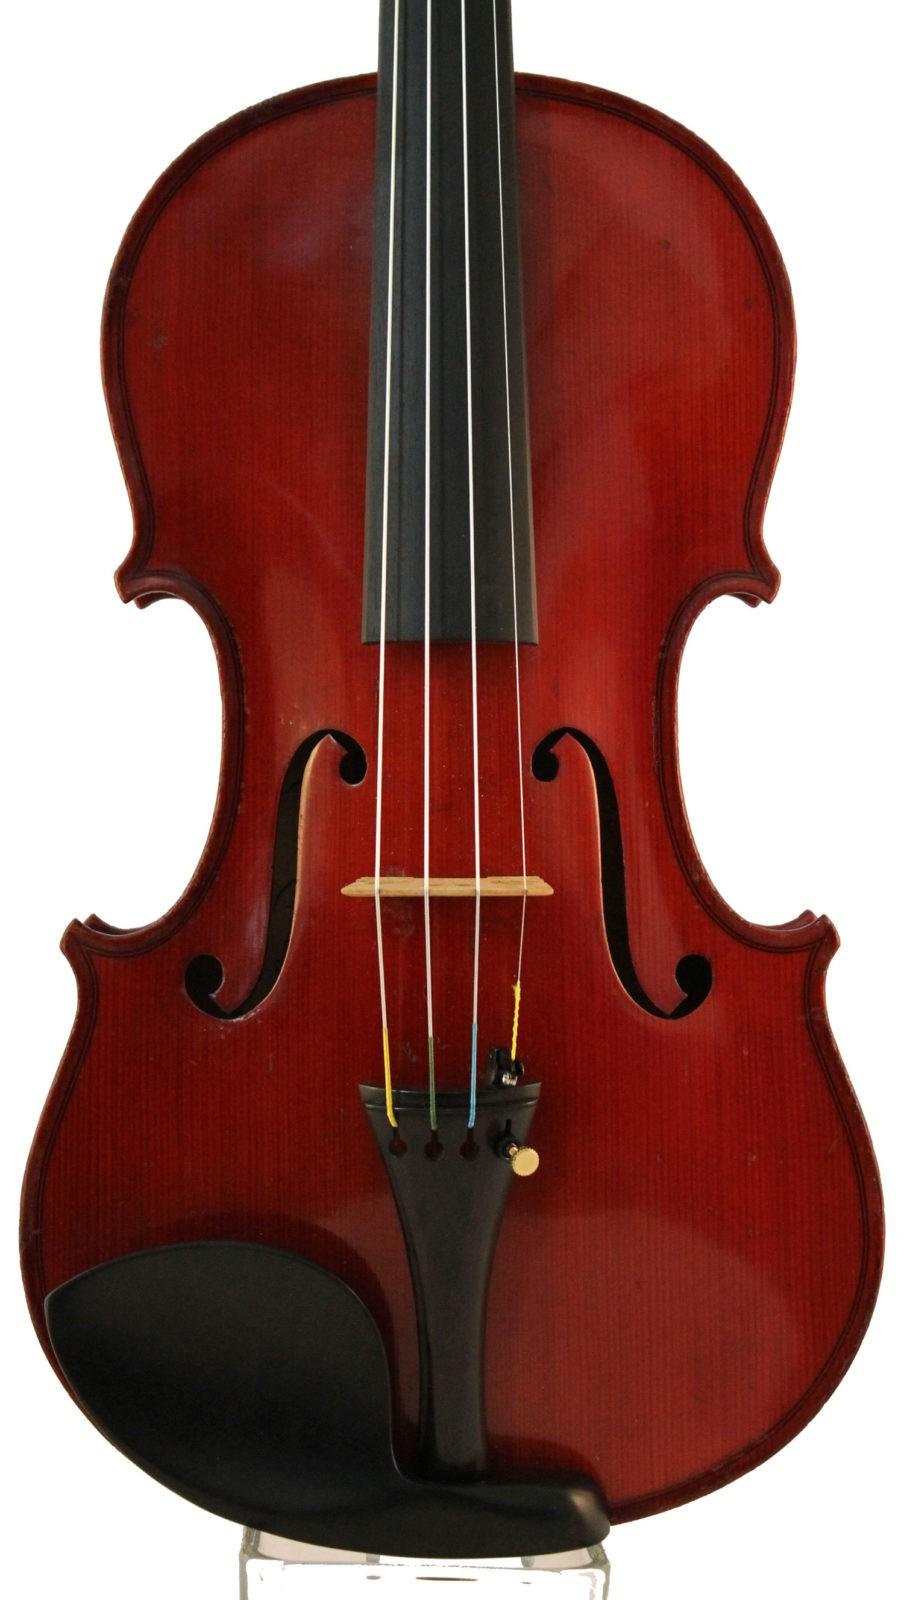 roth lederer violin - front